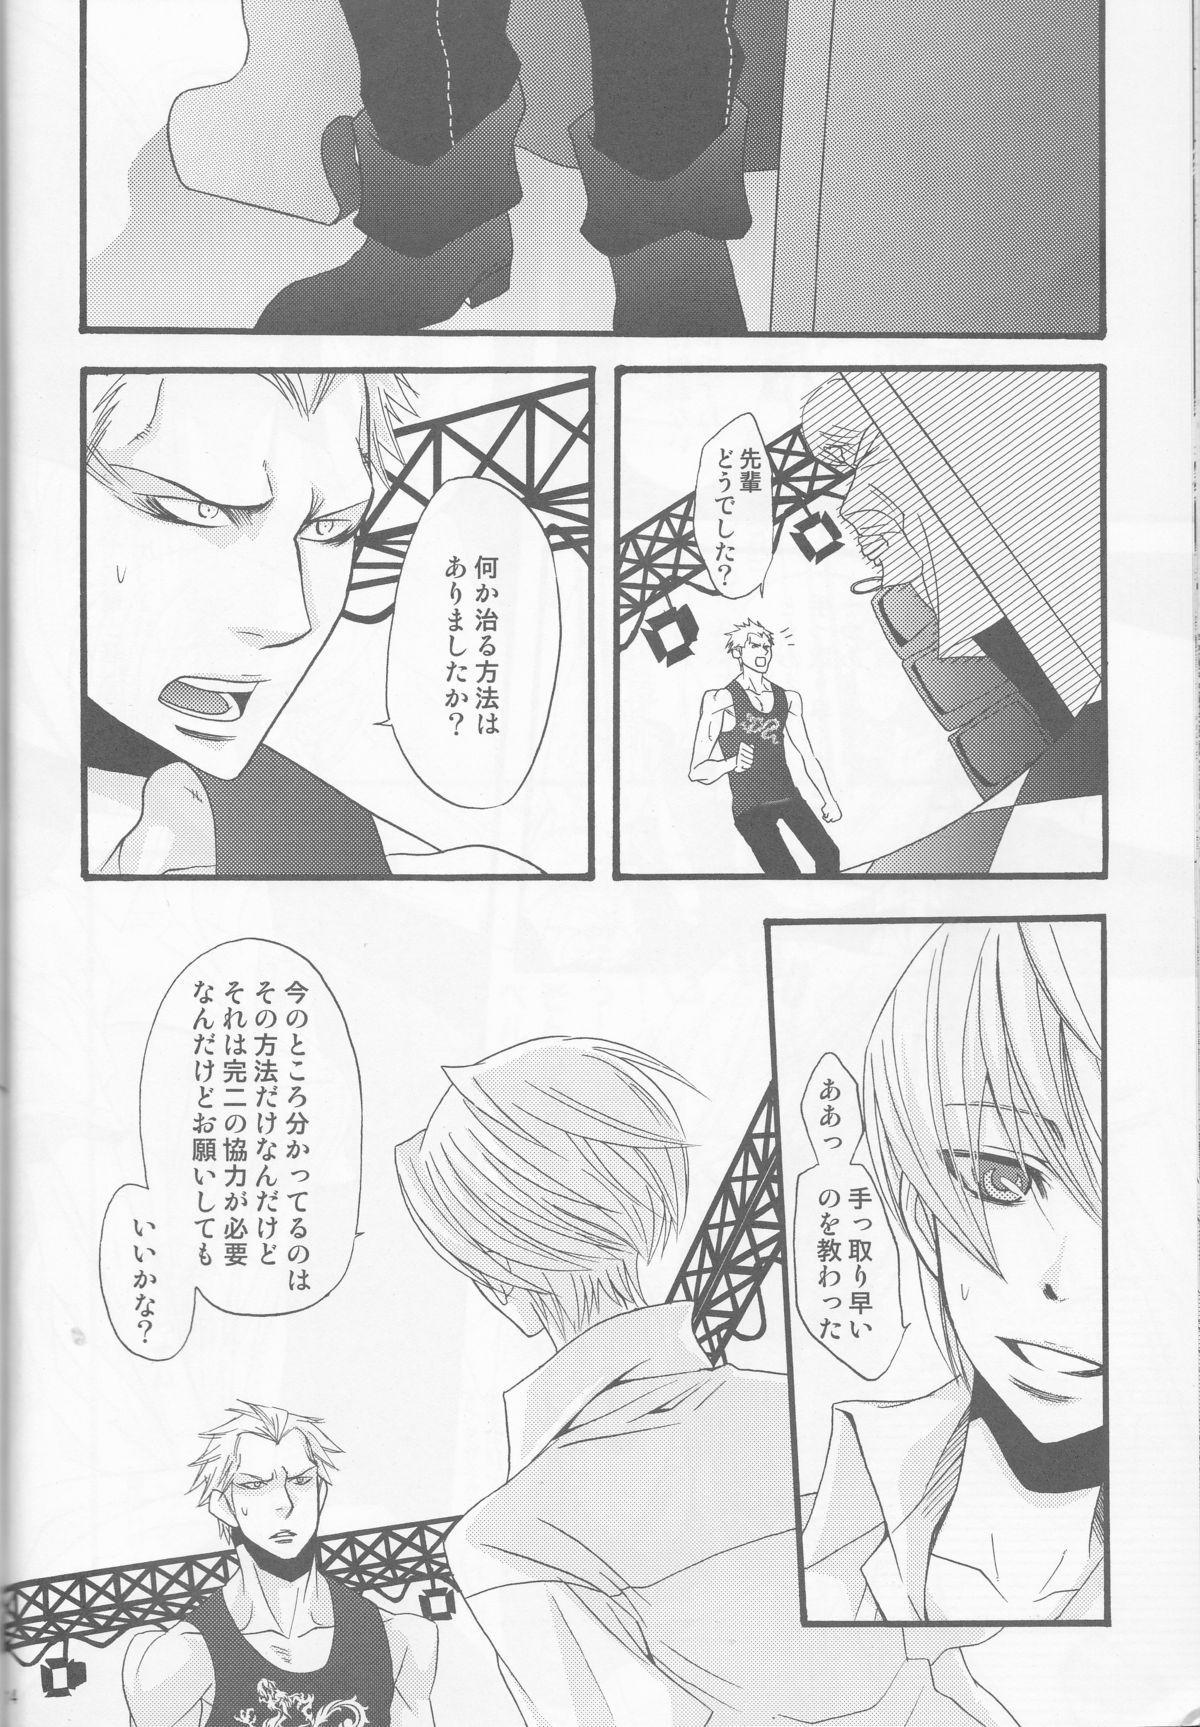 Ichinan Satte mata Ichinan 13